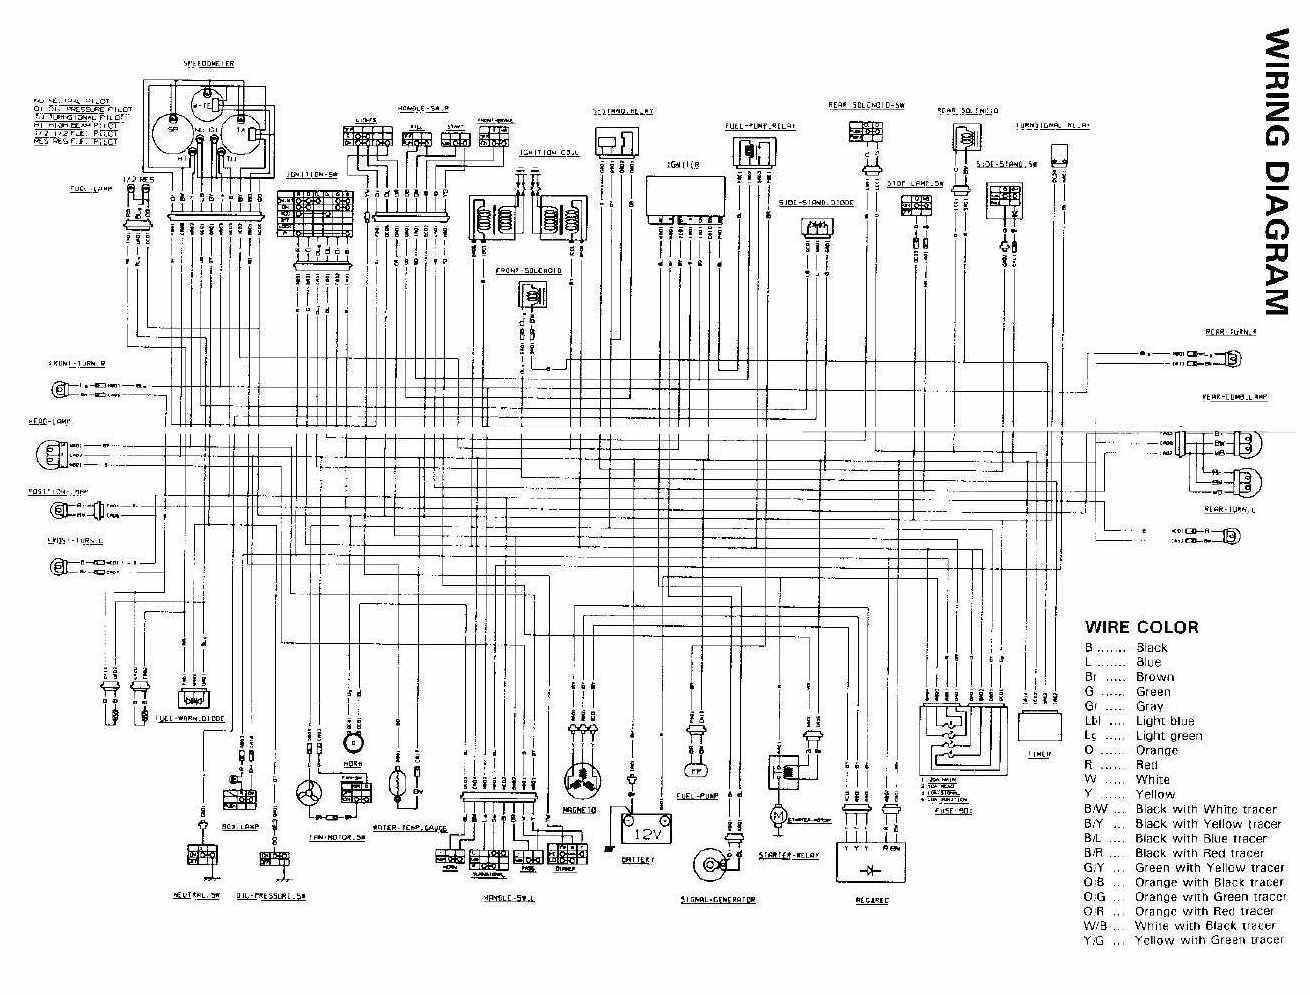 1998 suzuki intruder 1500 wiring diagram power window kit installation vz800 engine gz250